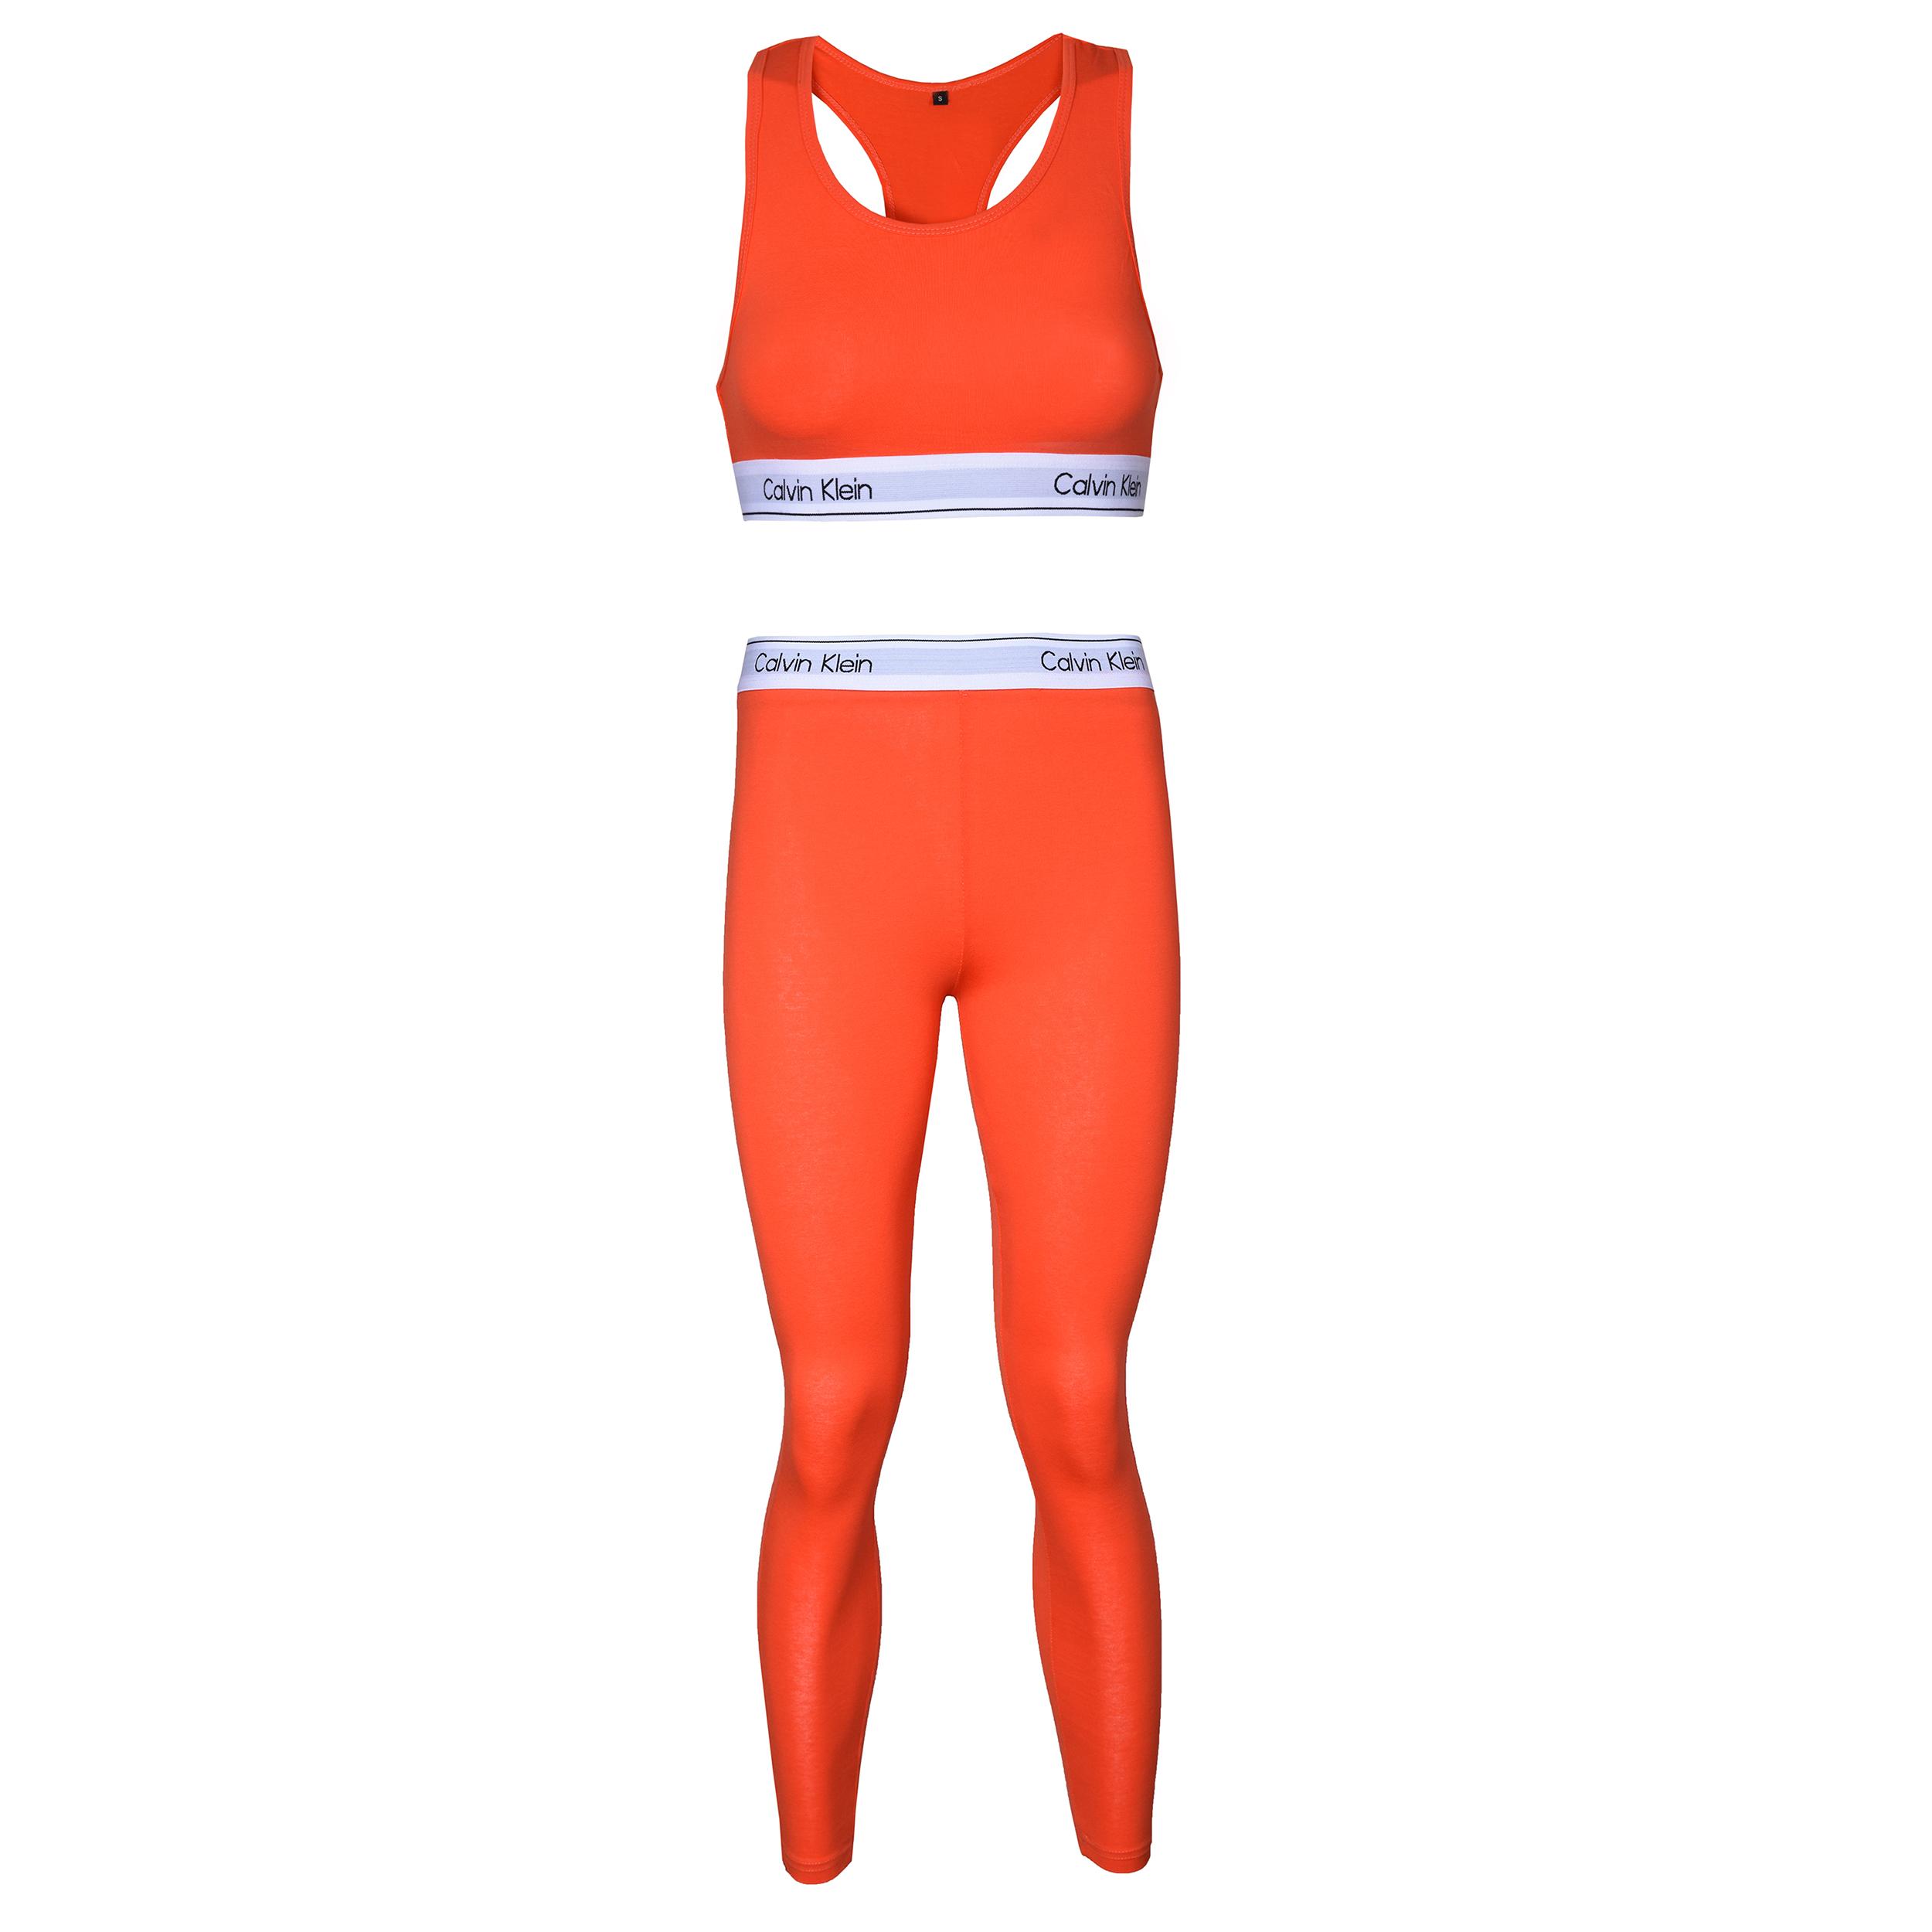 ست نیم تنه و لگینگ ورزشی زنانه کلوین کلاین مدل 5375292